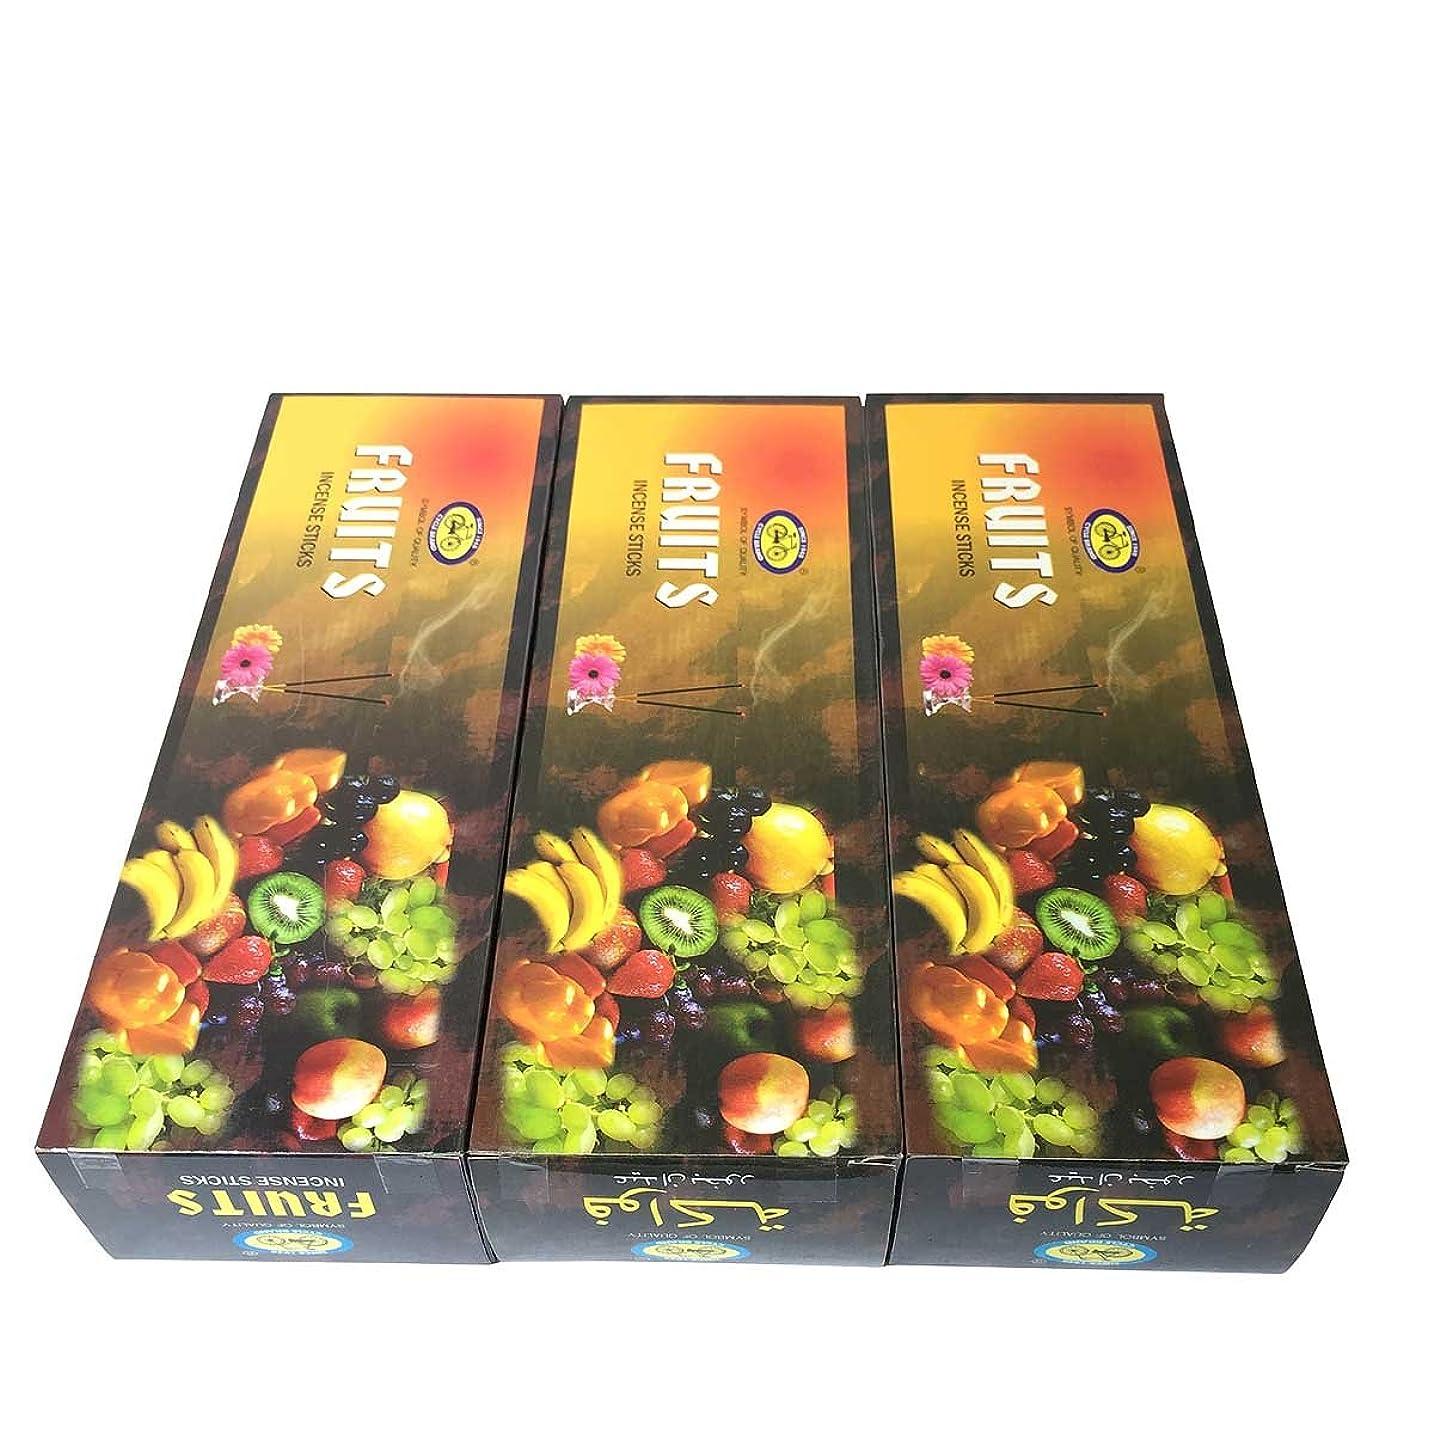 パン屋接触苛性フルーツ香スティック 3BOX(18箱) /CYCLE FRUITS/インセンス/インド香 お香 [並行輸入品]